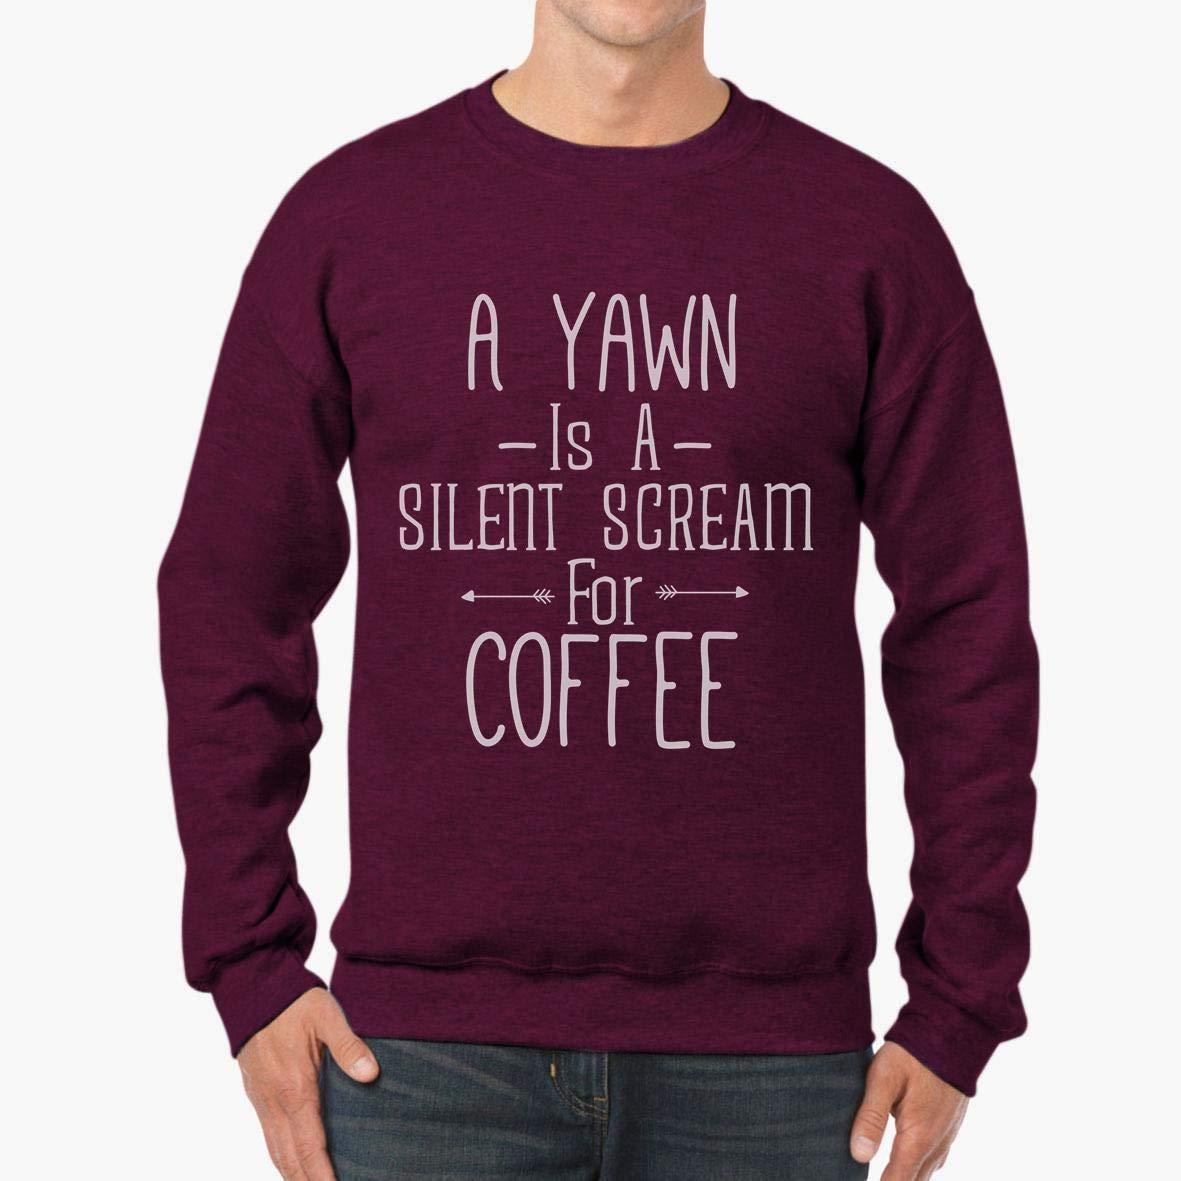 tee Doryti A Yawn is A Silent Scream for Coffee Unisex Sweatshirt